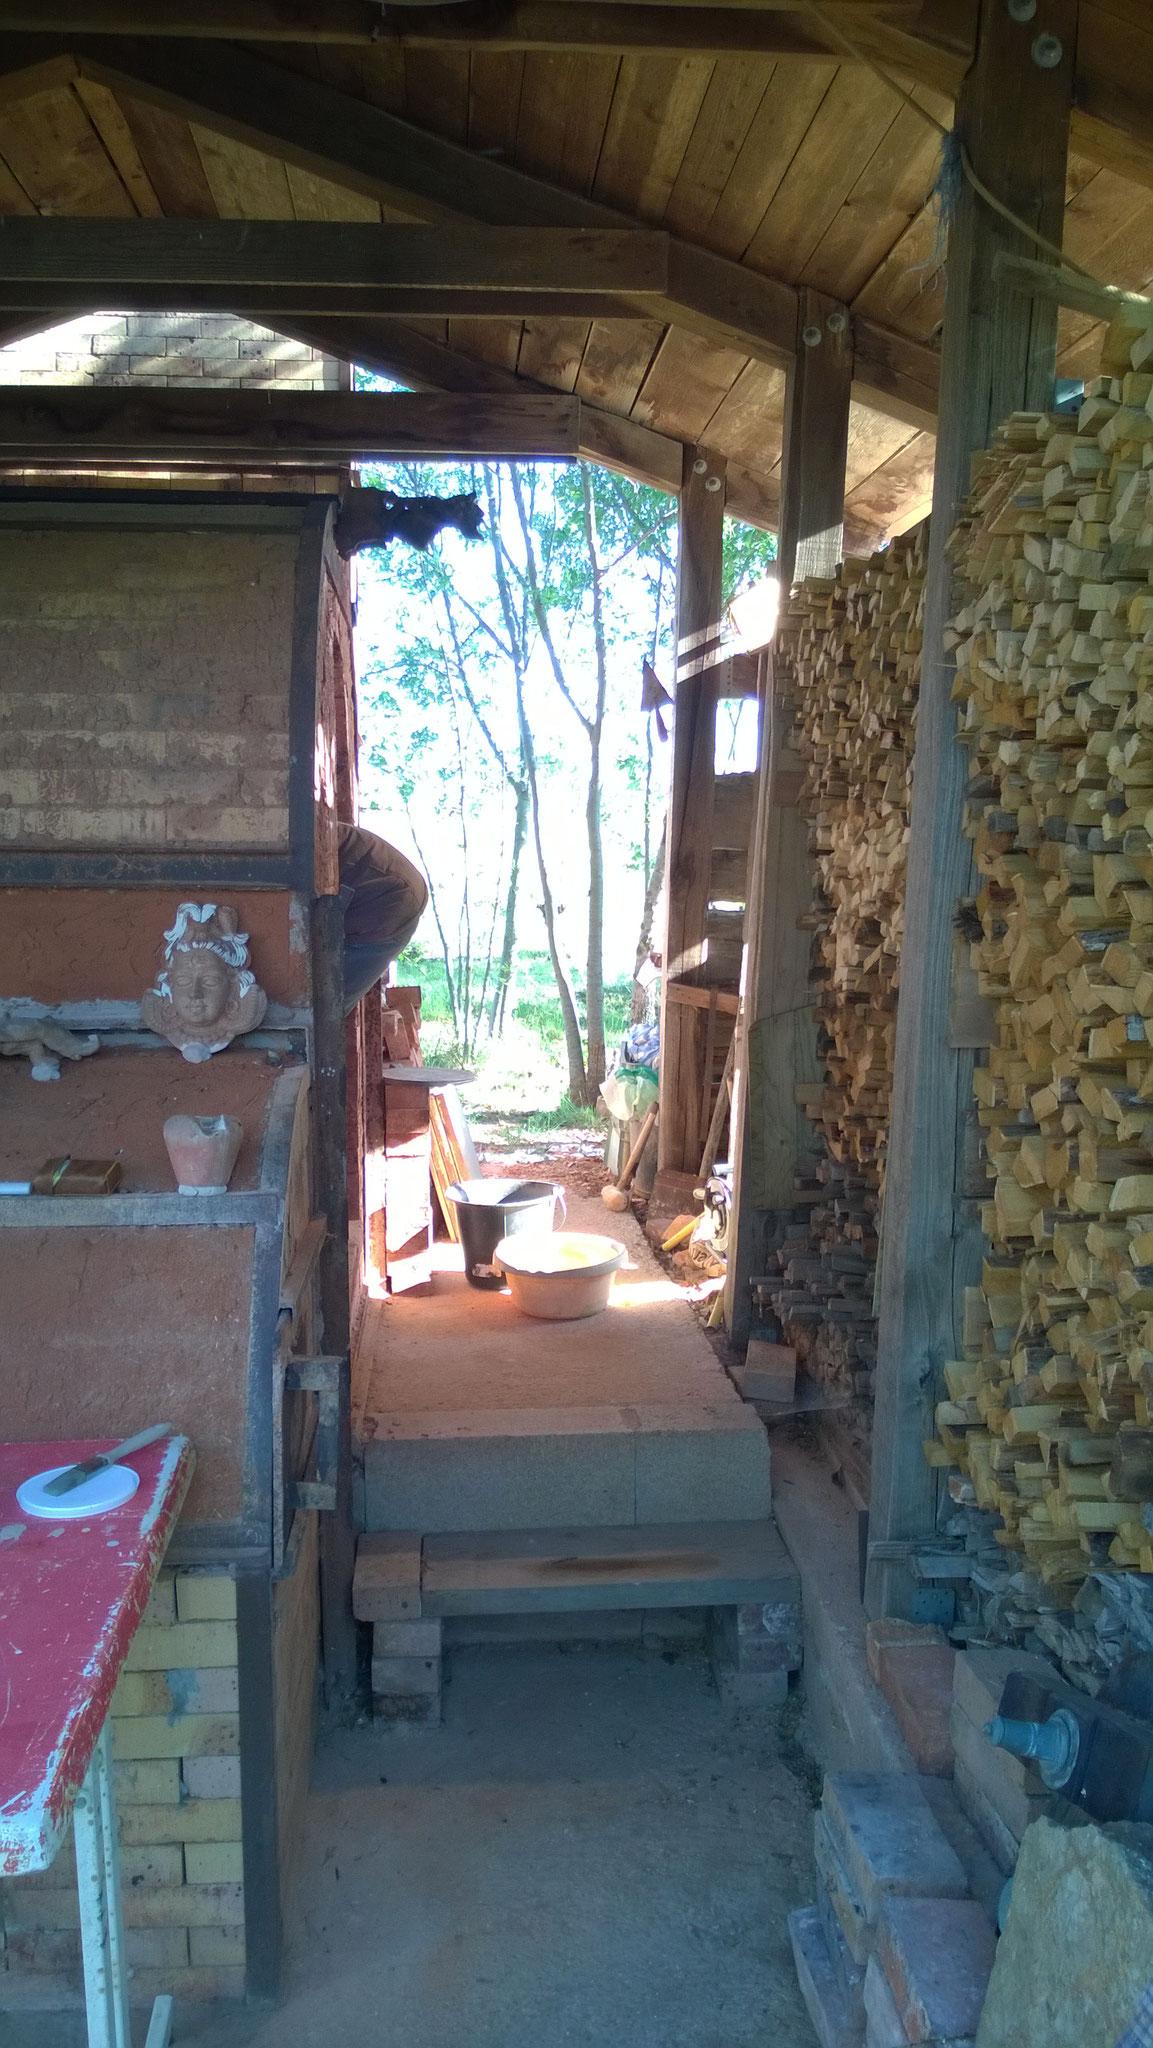 Rangement du bois autour du Four - Noborigama de Caco et Sylvie -